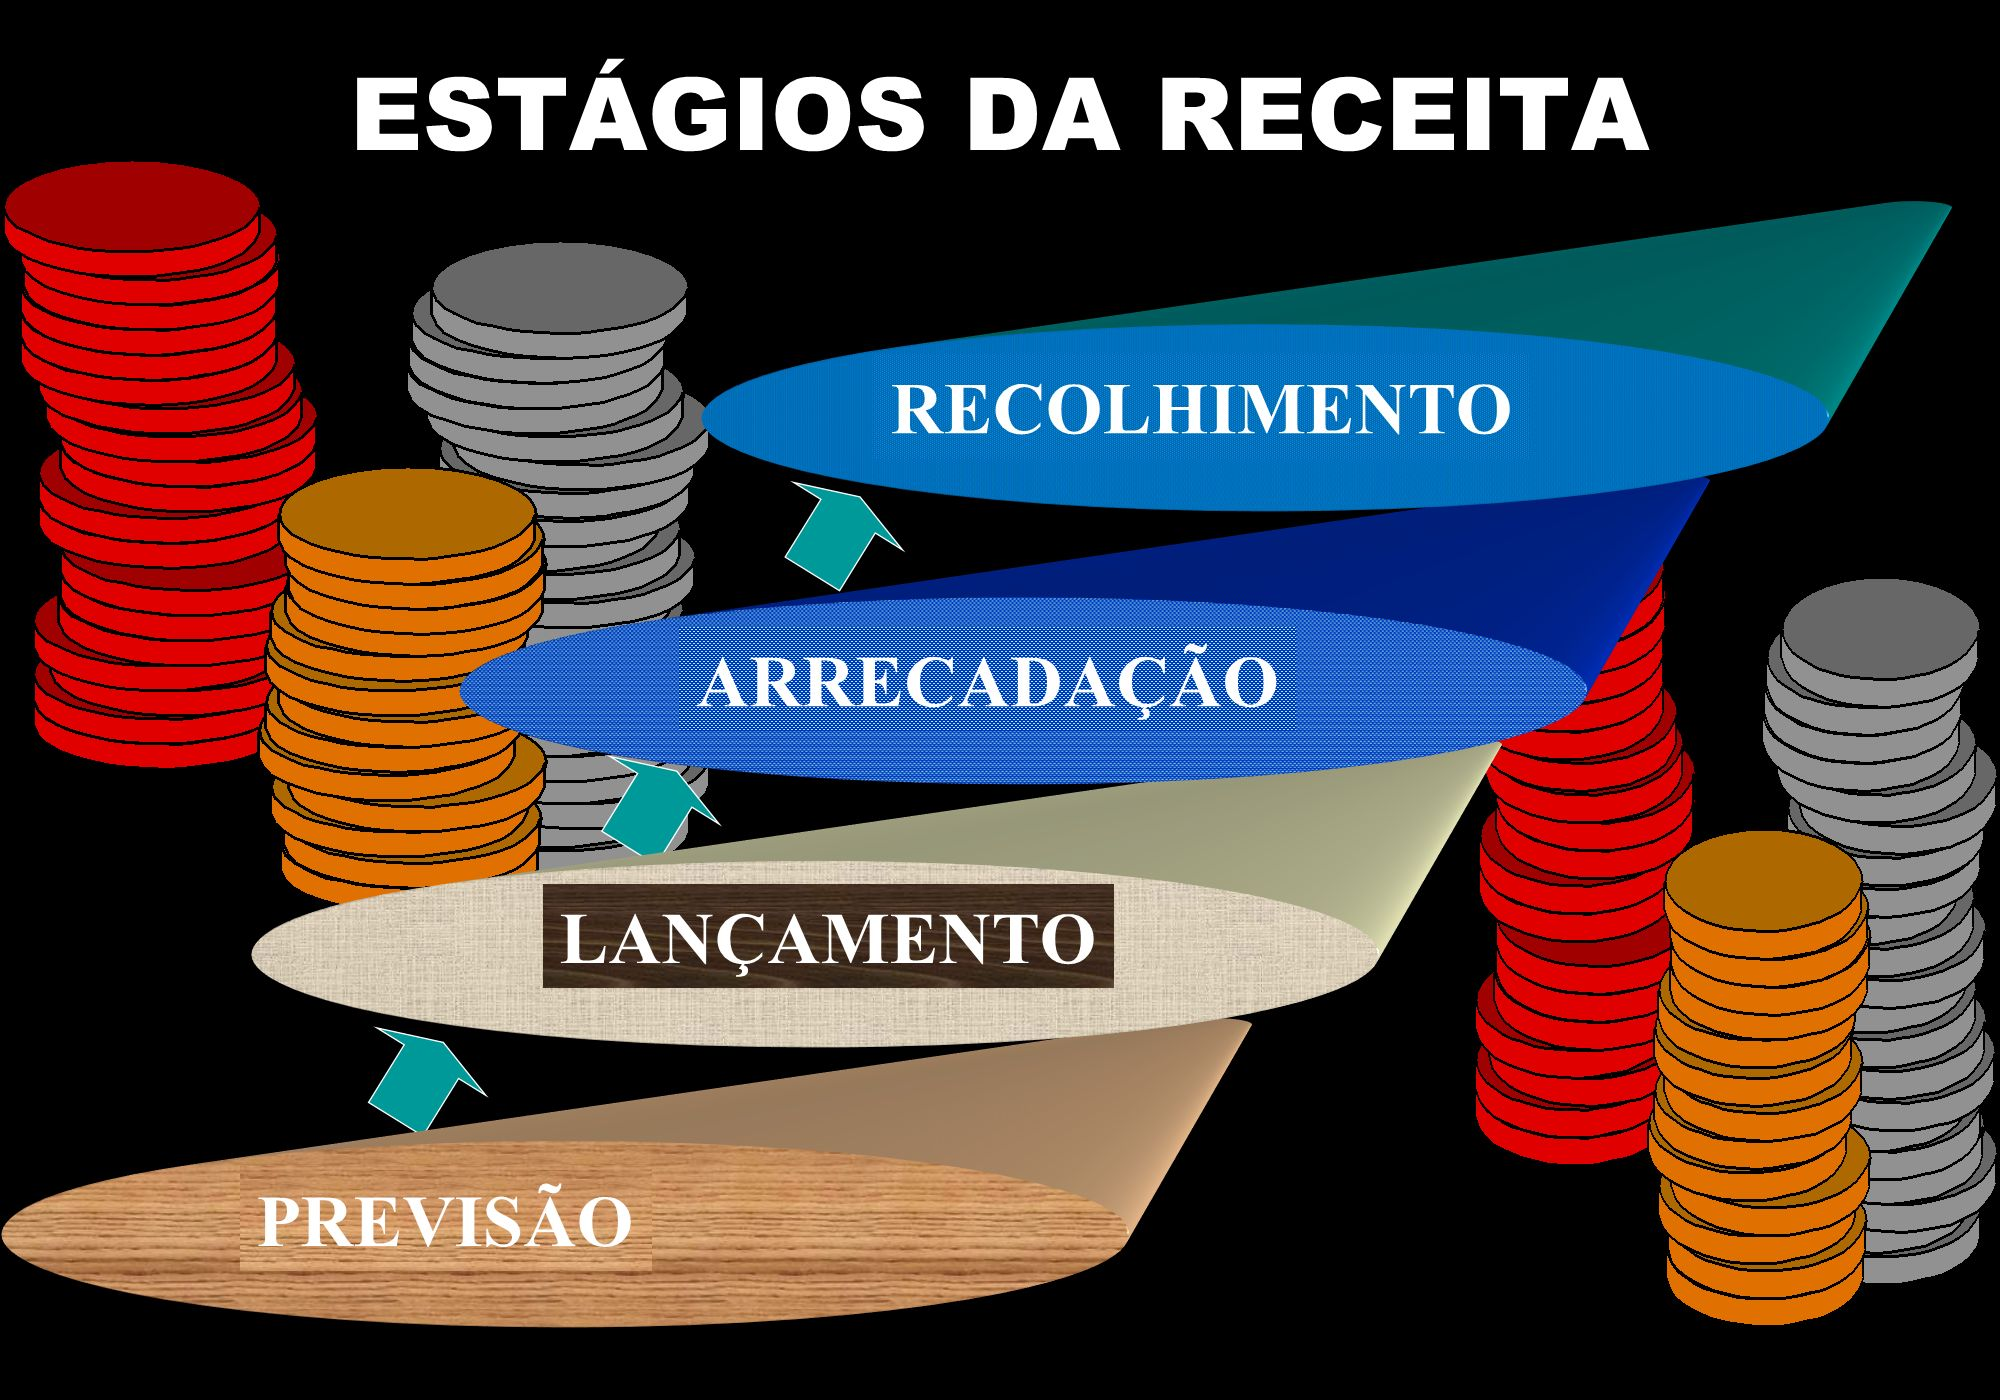 ESTÁGIOS DA RECEITA PREVISÃO LANÇAMENTO ARRECADAÇÃO RECOLHIMENTO